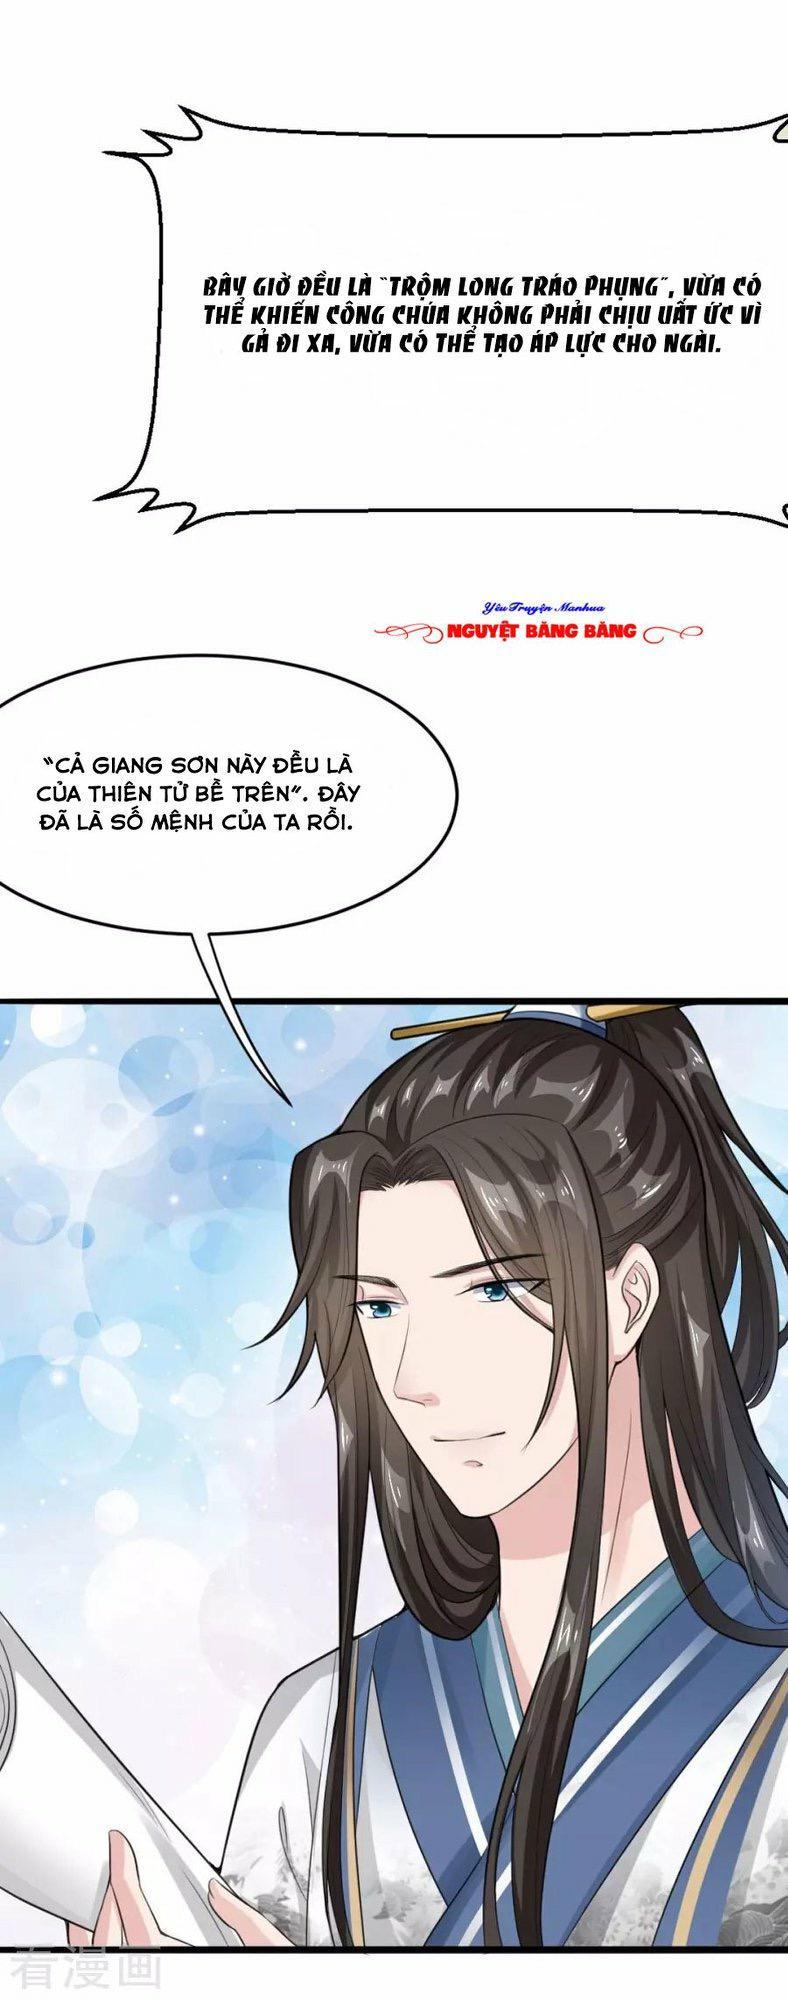 Đế Vương Sợ Vương Phi Muốn Sở Hữu Thiên Hạ chap 20 - Trang 17